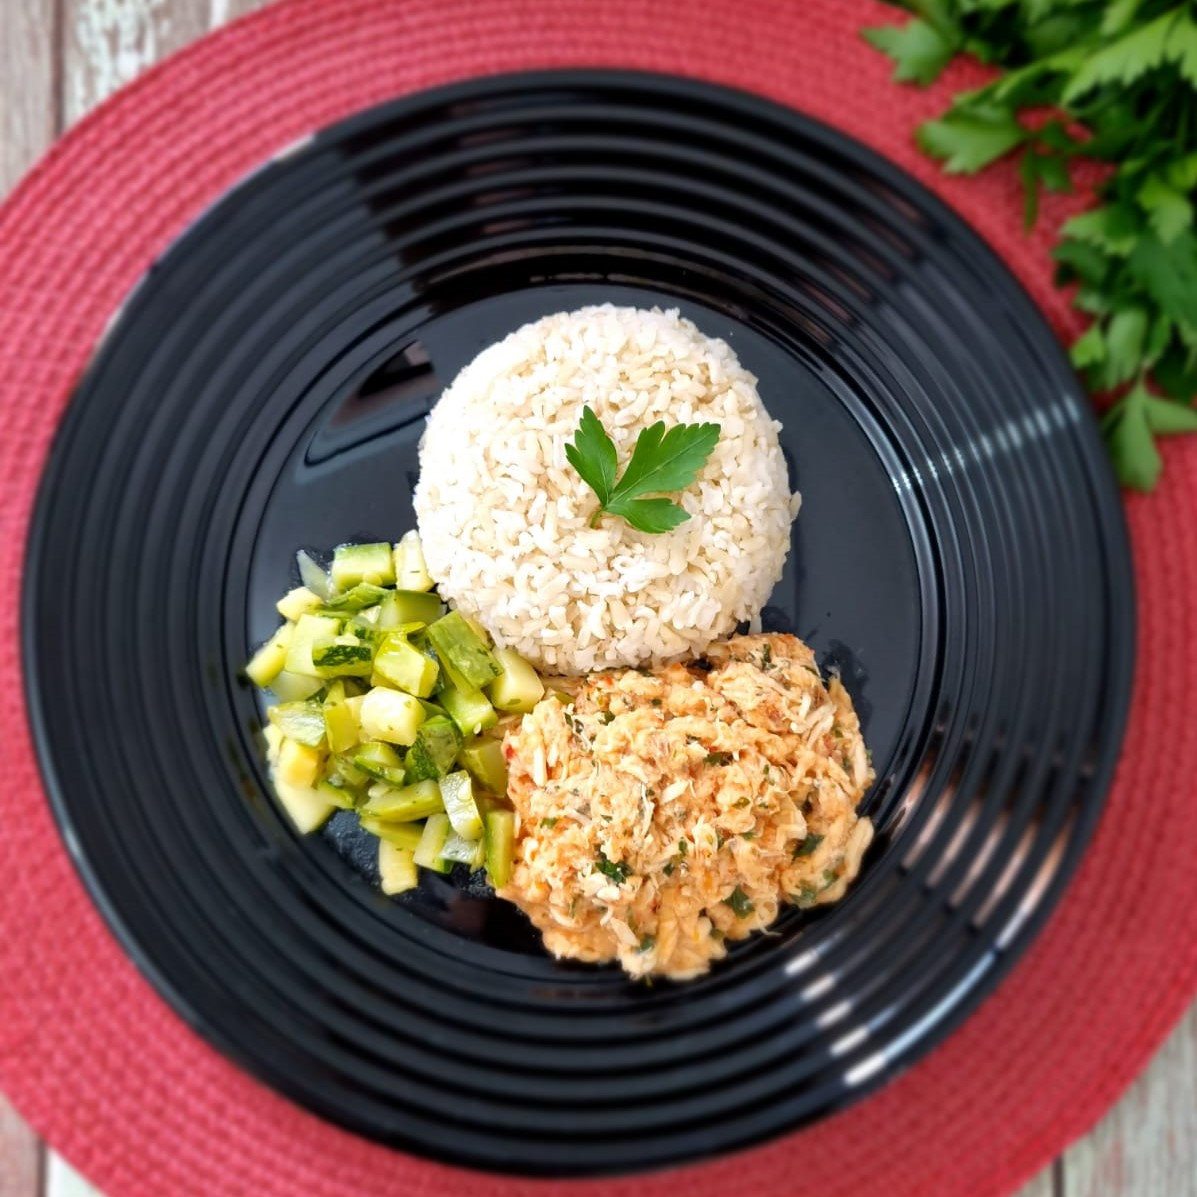 Frango com arroz integral e abobrinha LeFit Pratos Saudaveis